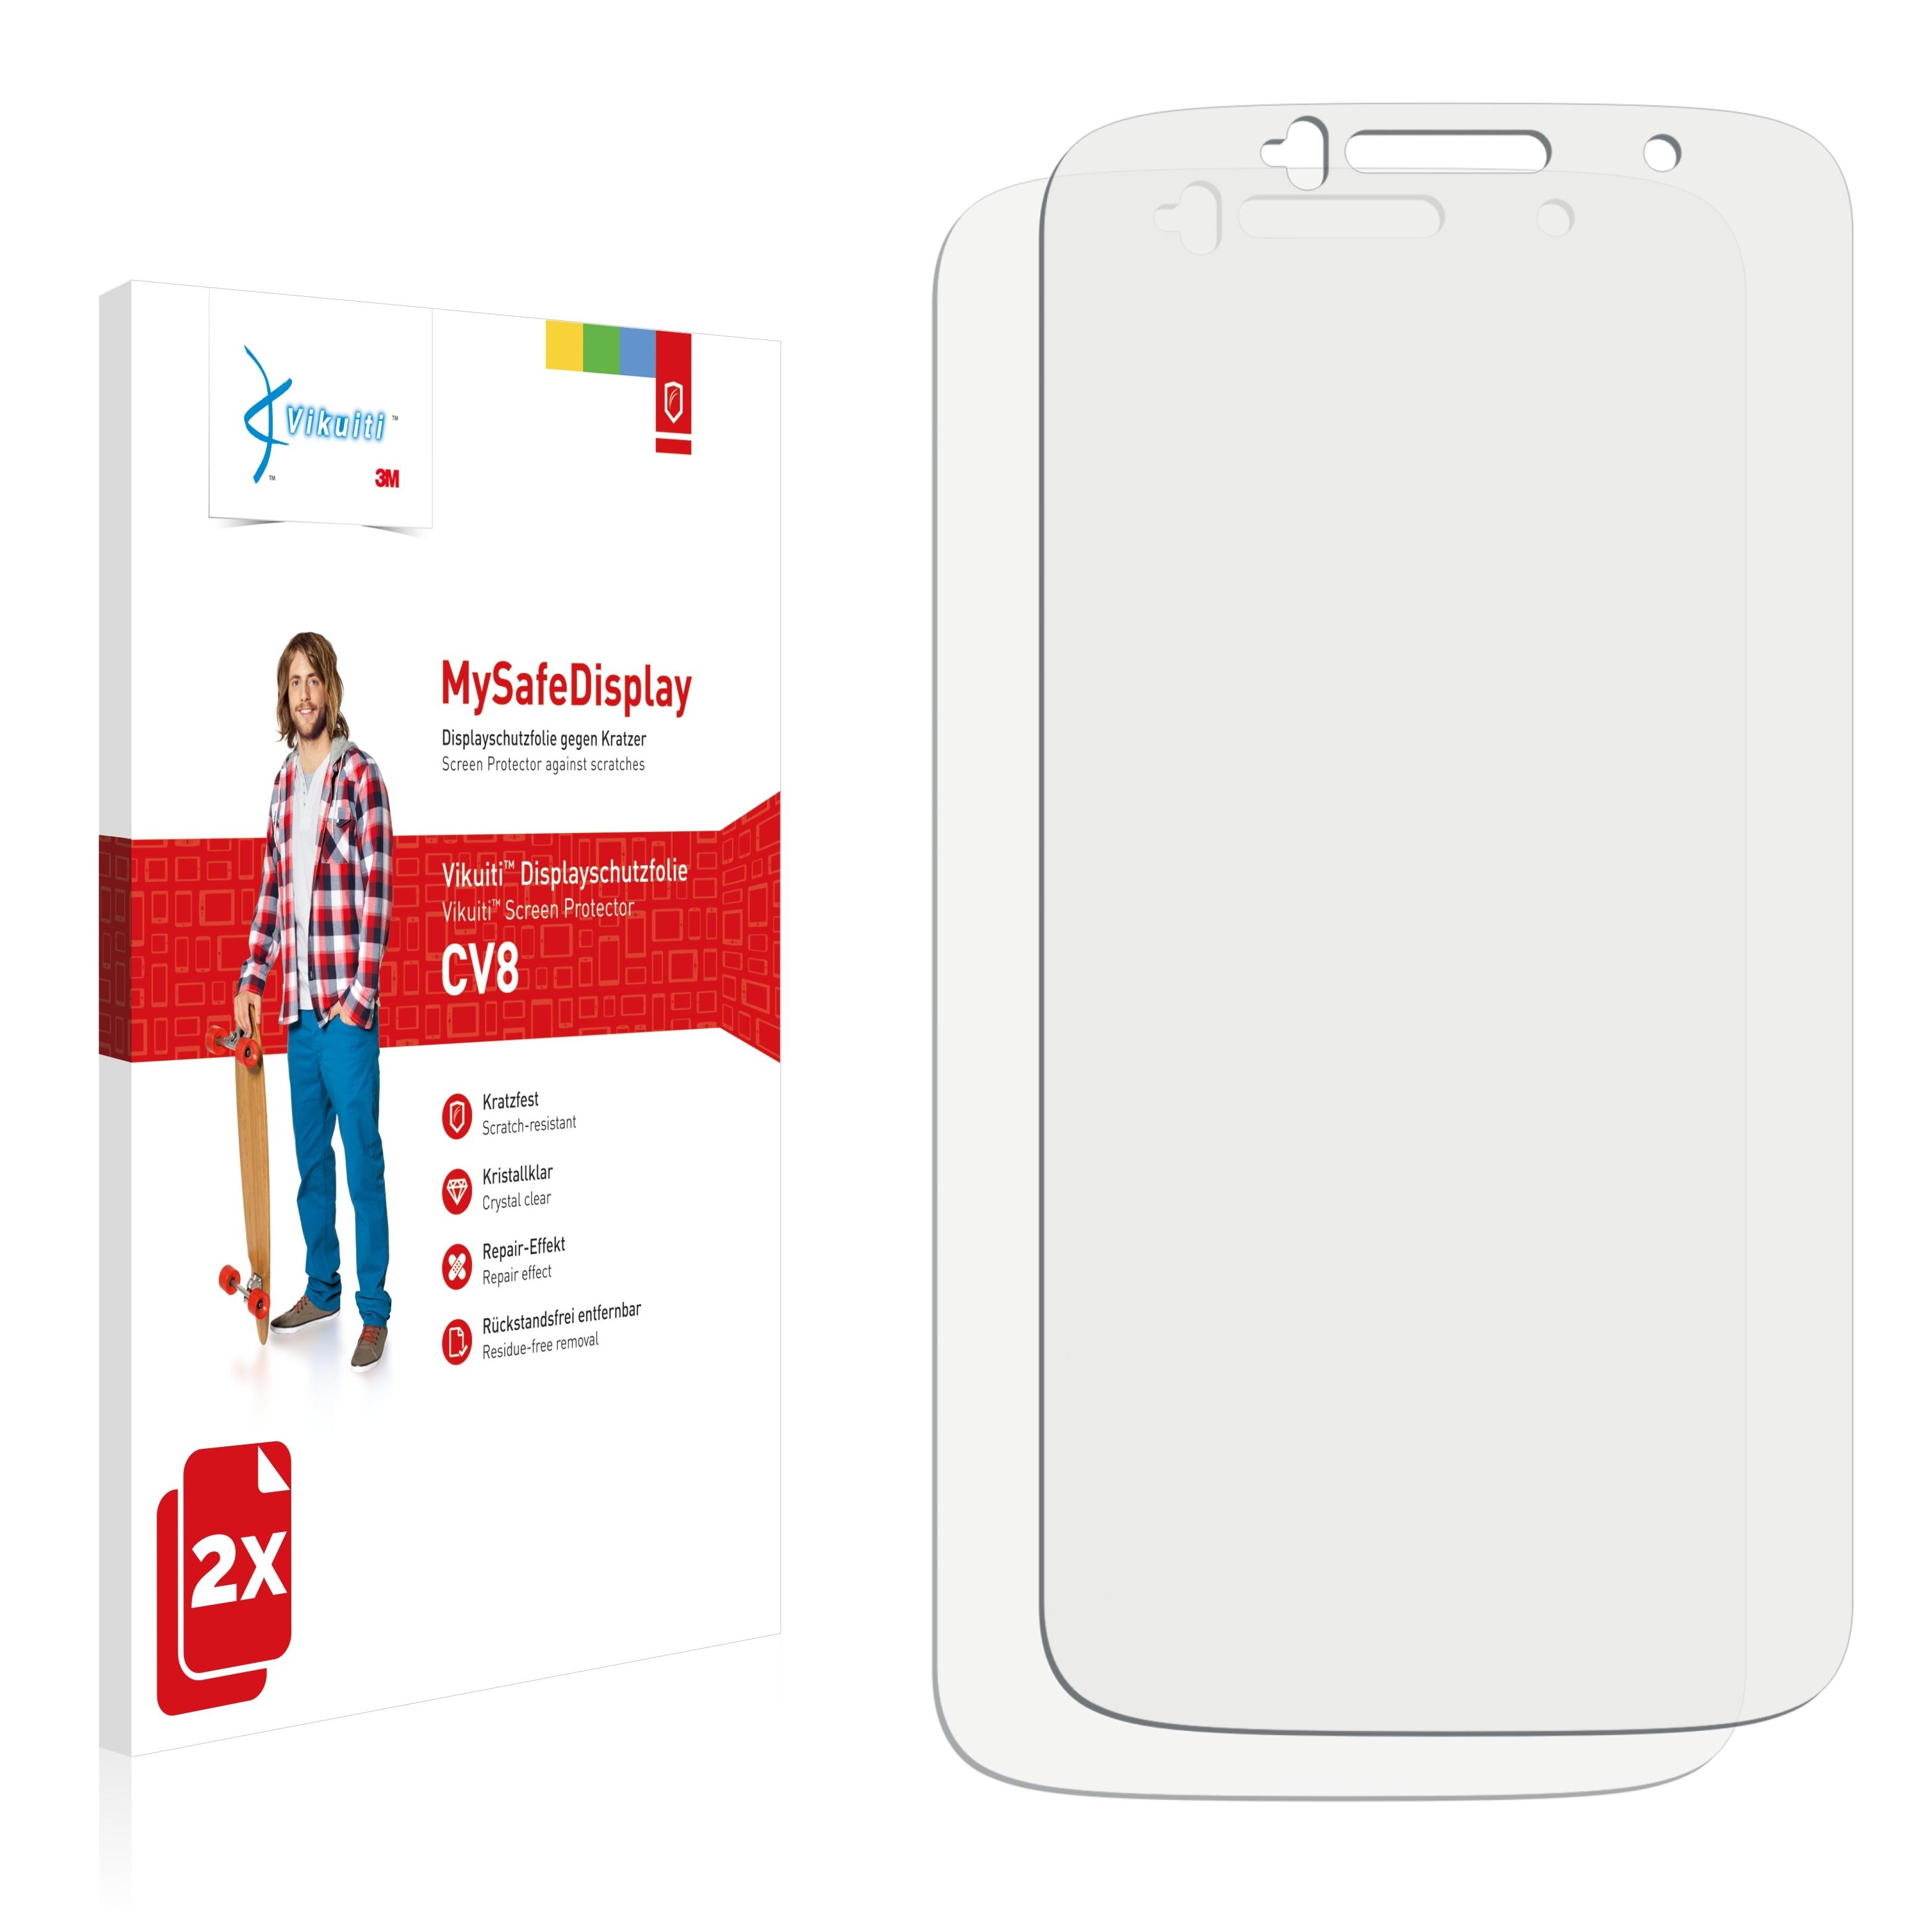 Ochranná fólie CV8 od 3M pro Alcatel One Touch Evolve 2, 2ks